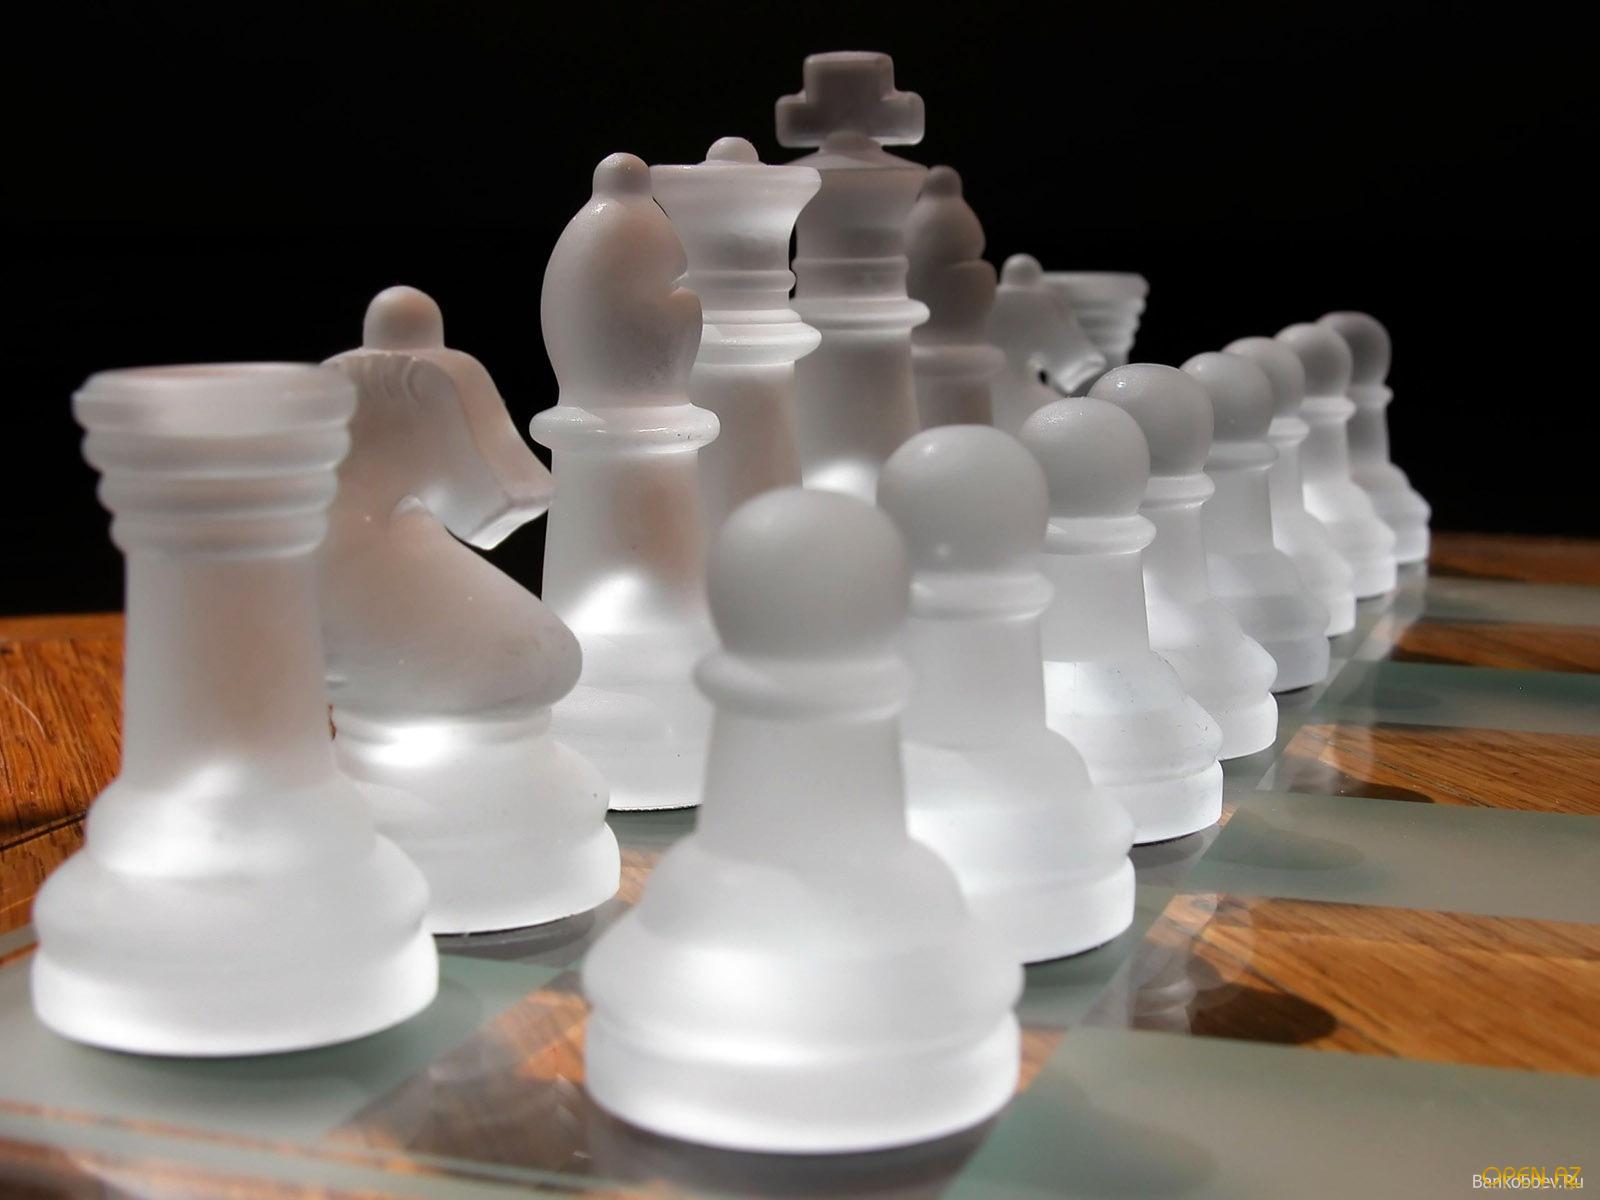 Международный день шахмат! Поздравляем